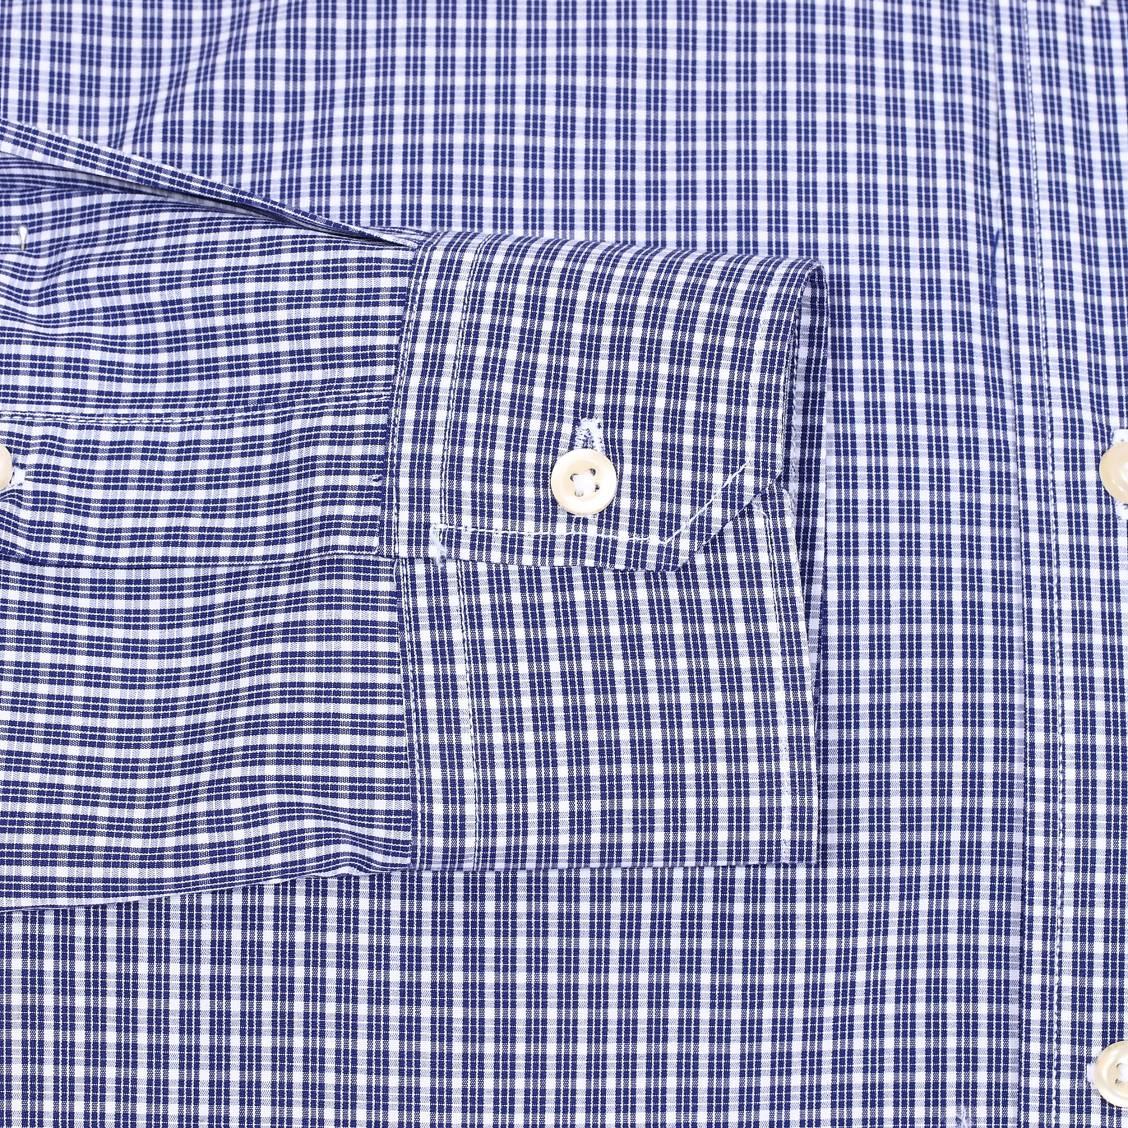 Chemise Cintree U S Polo Assn En Coton A Carreaux Bleu Marine Et